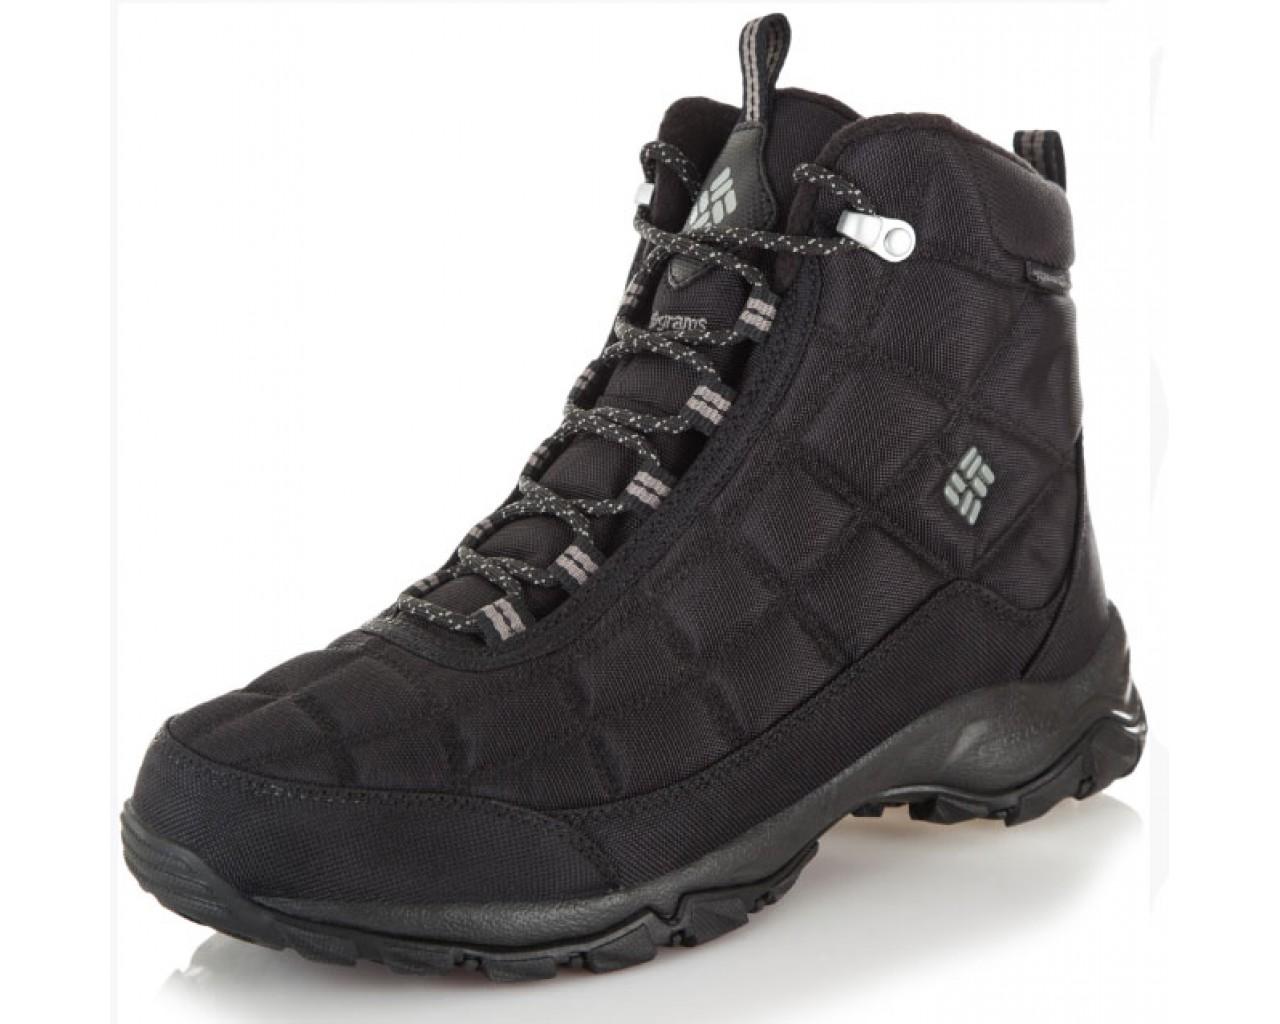 7870ca9e0f4 Ботинки мужские Columbia FIRECAMP™ BOOT черный арт.1672881-012